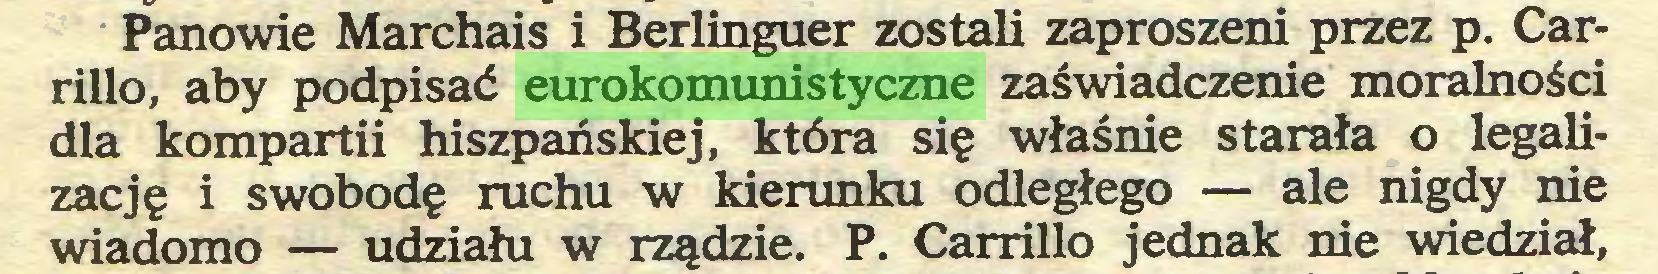 (...) Panowie Marchais i Berlinguer zostali zaproszeni przez p. Carrillo, aby podpisać eurokomunistyczne zaświadczenie moralności dla kompartii hiszpańskiej, która się właśnie starała o legalizację i swobodę ruchu w kierunku odległego — ale nigdy nie wiadomo — udziału w rządzie. P. Carrillo jednak nie wiedział,...